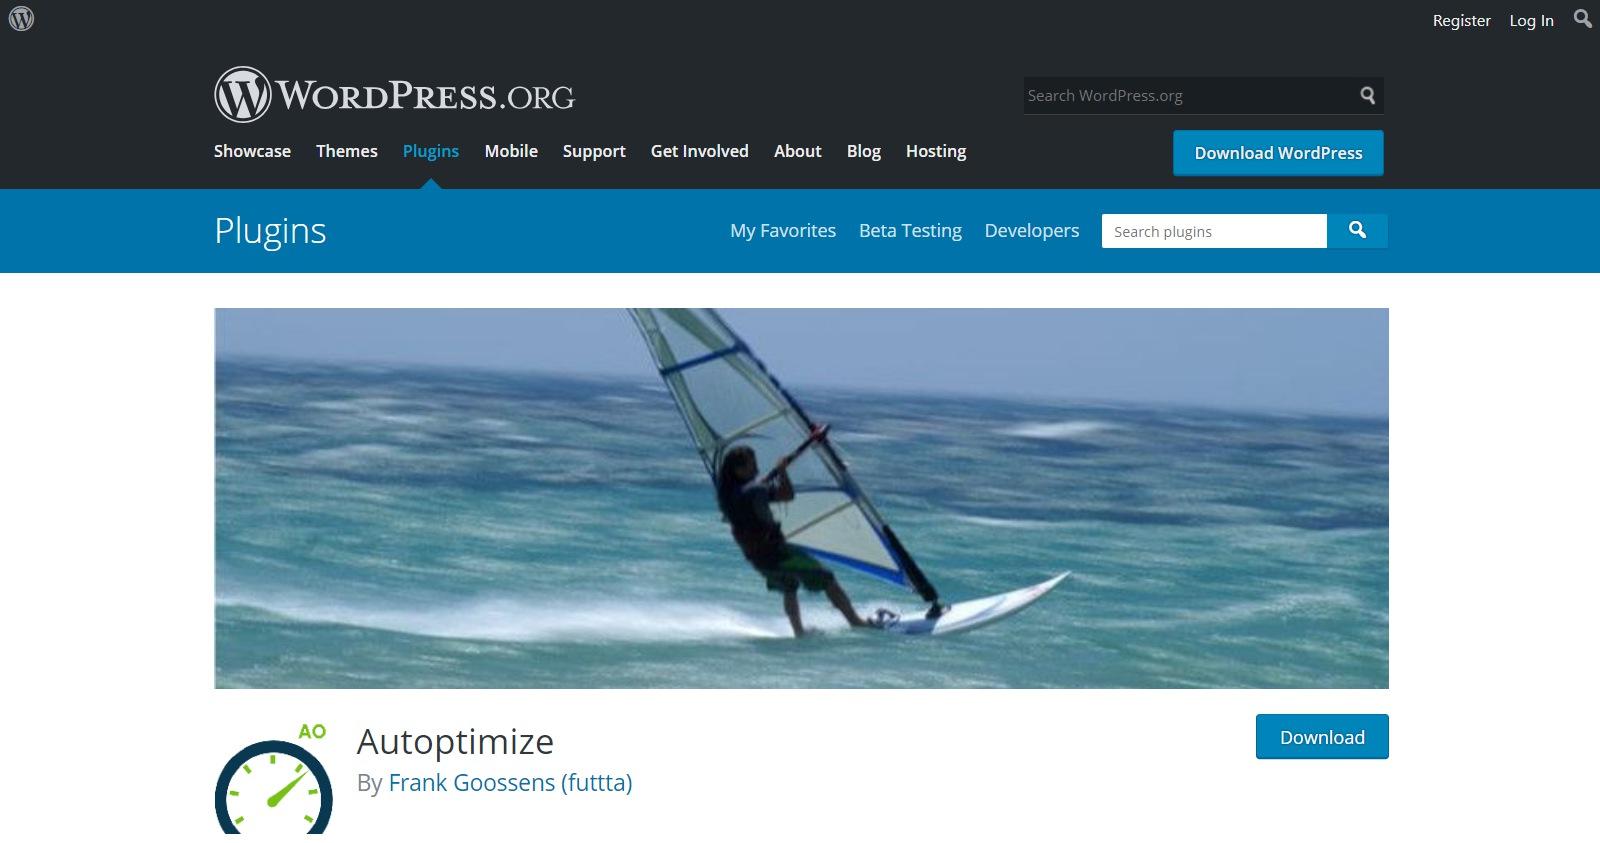 Plugins gratuitos de WordPress autoptimize